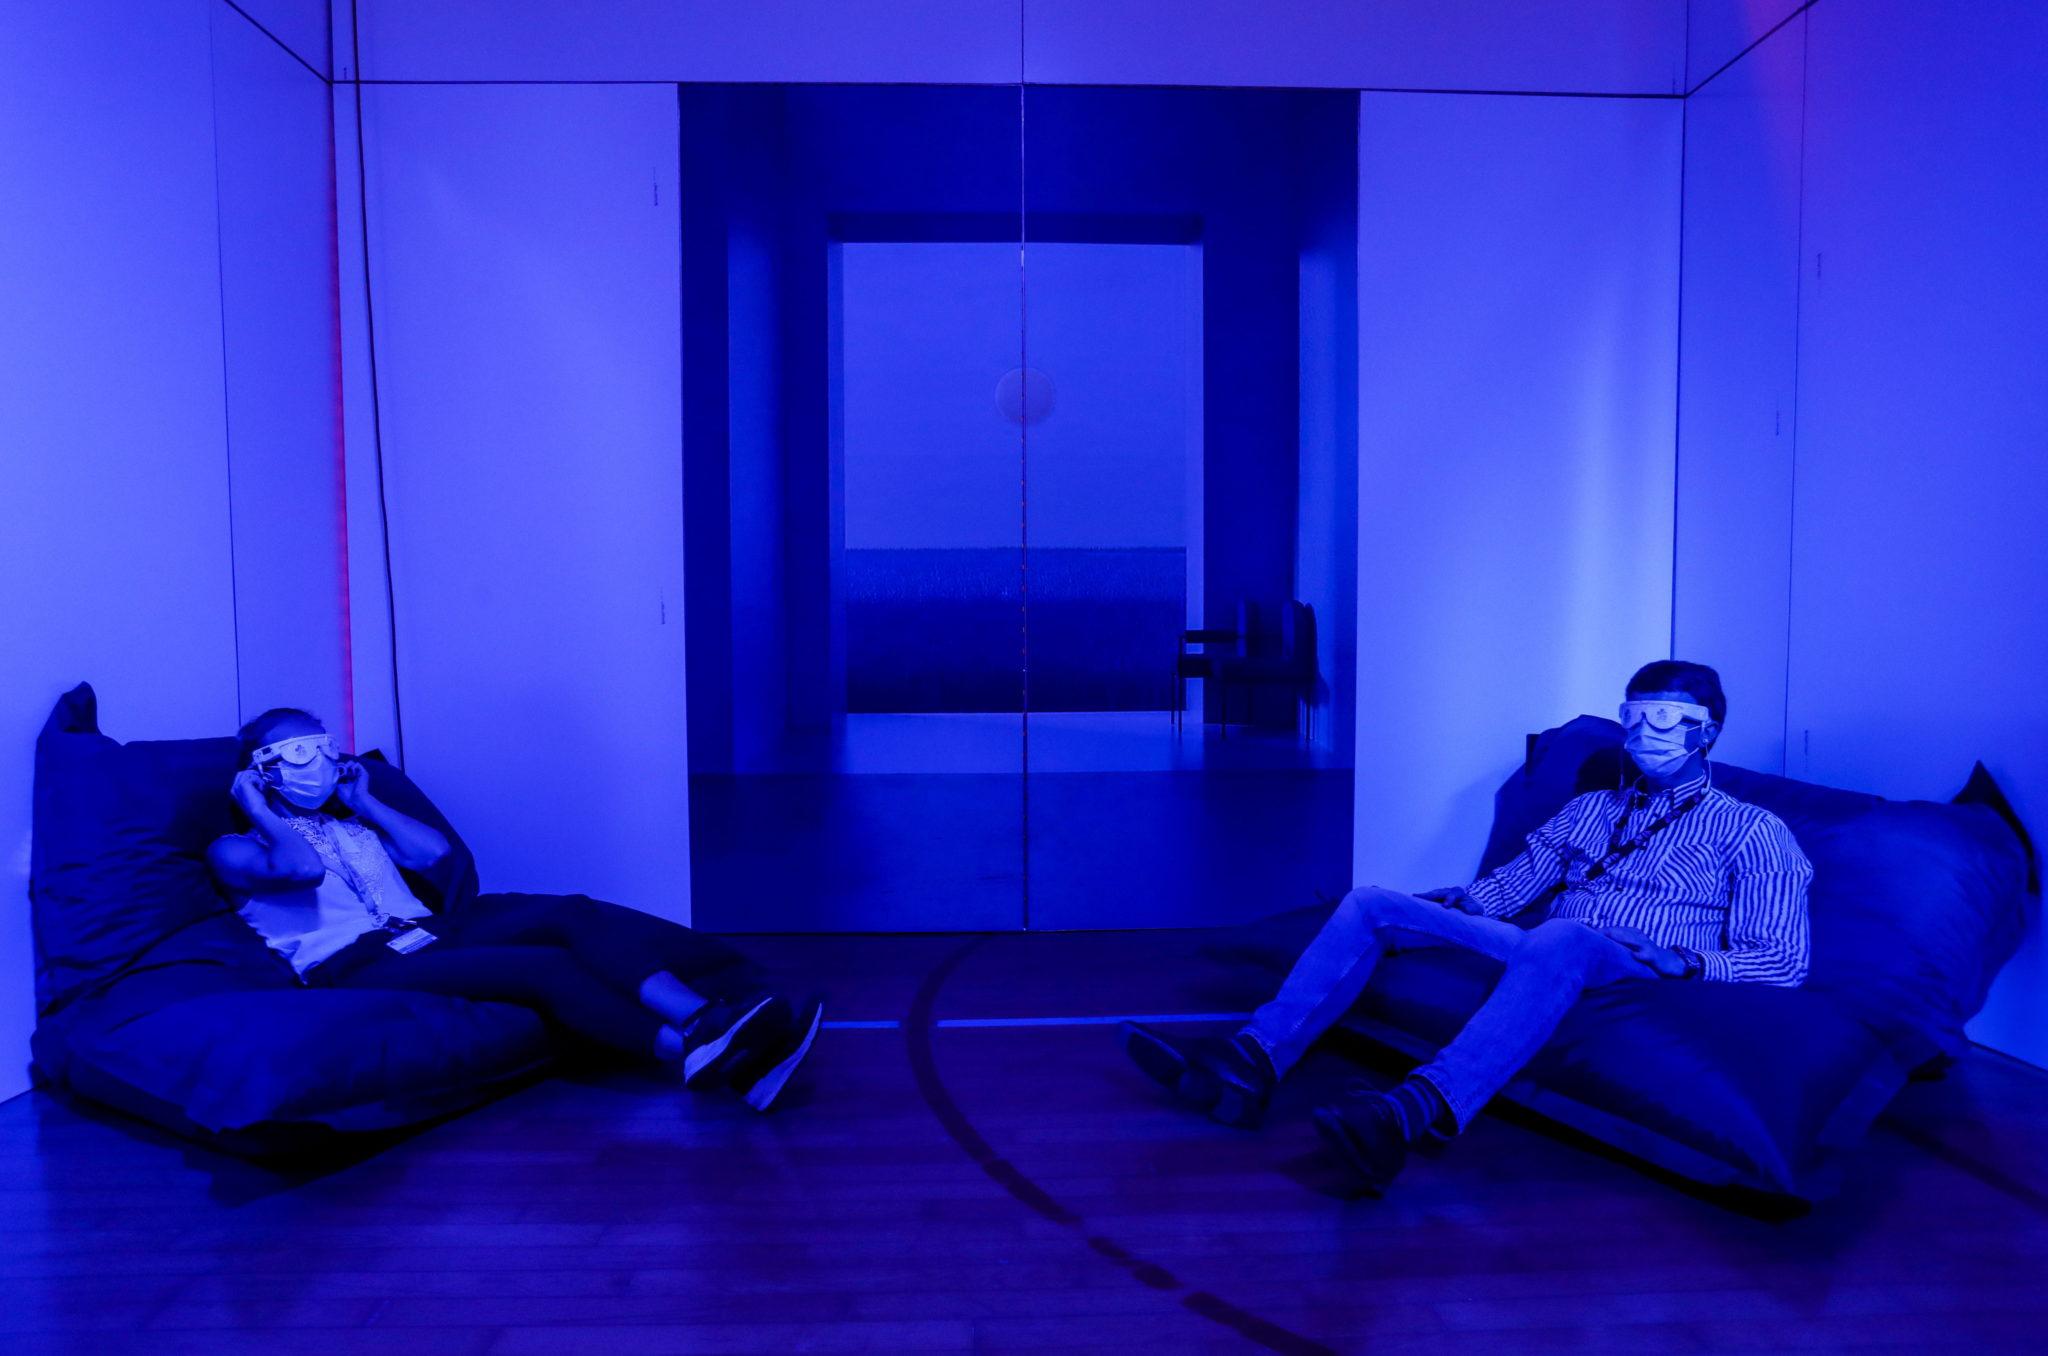 Lekarze wykorzystują przerwę na leczenie światłem w nowym centrum odnowy biologicznej utworzonym w szpitalu CHR Verviers w Verviers, Belgia. Fot. EPA/STEPHANIE LECOCQ